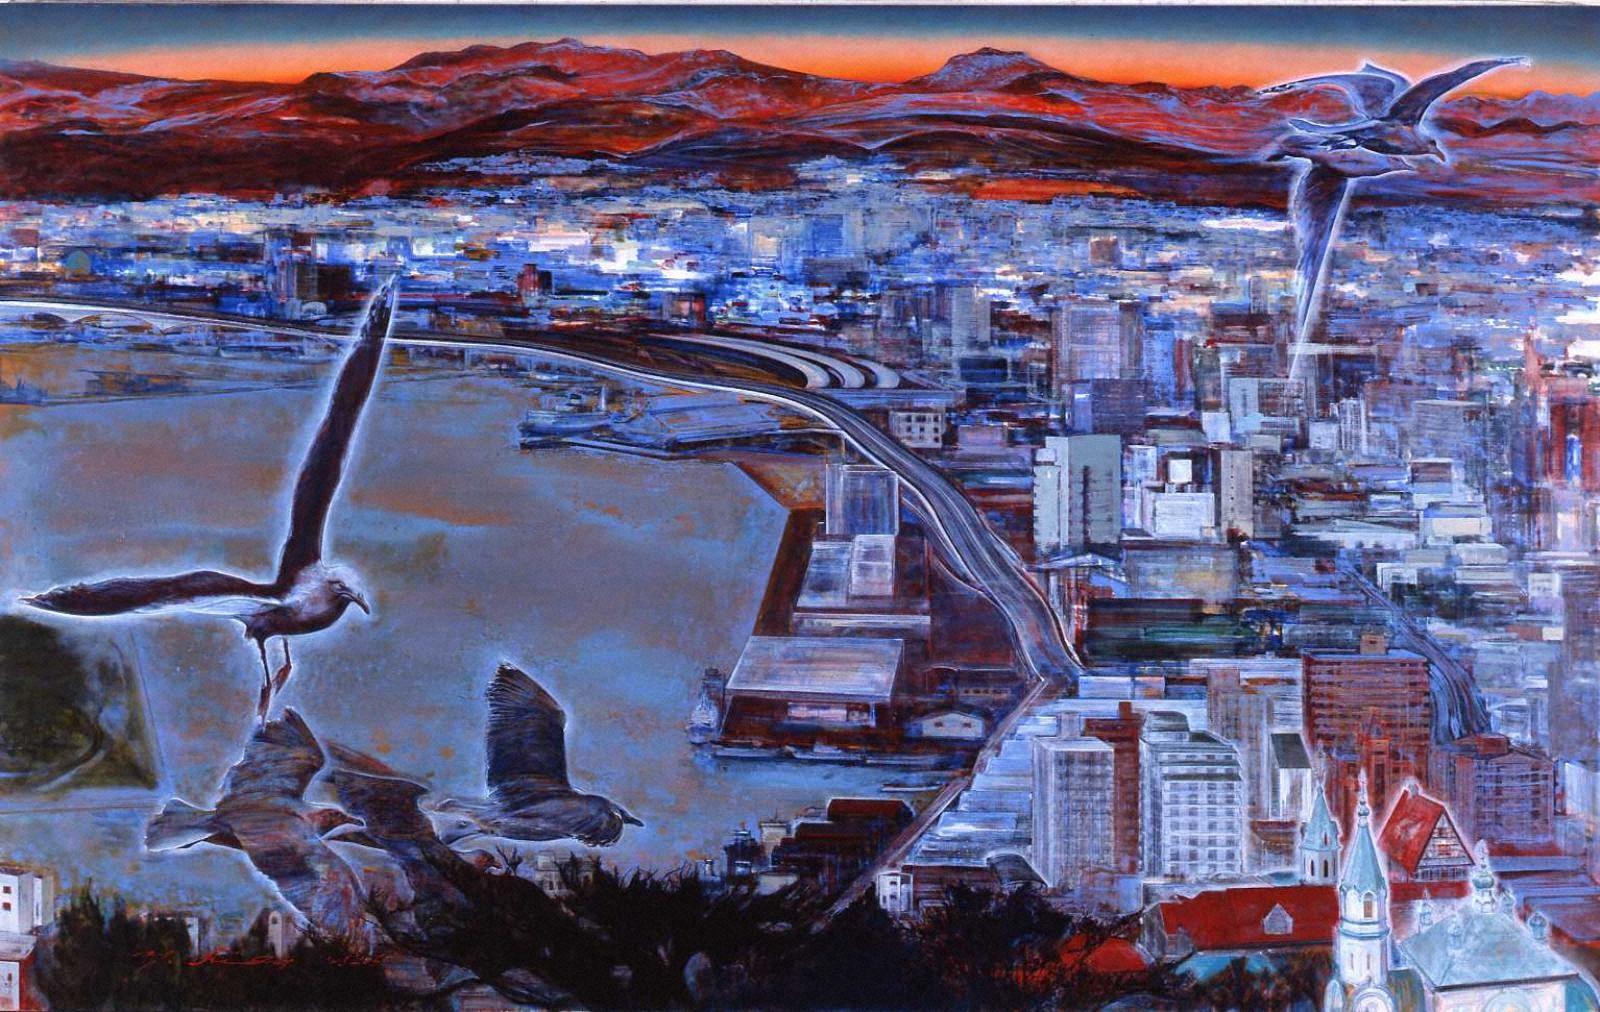 鷗翔-H市の記憶